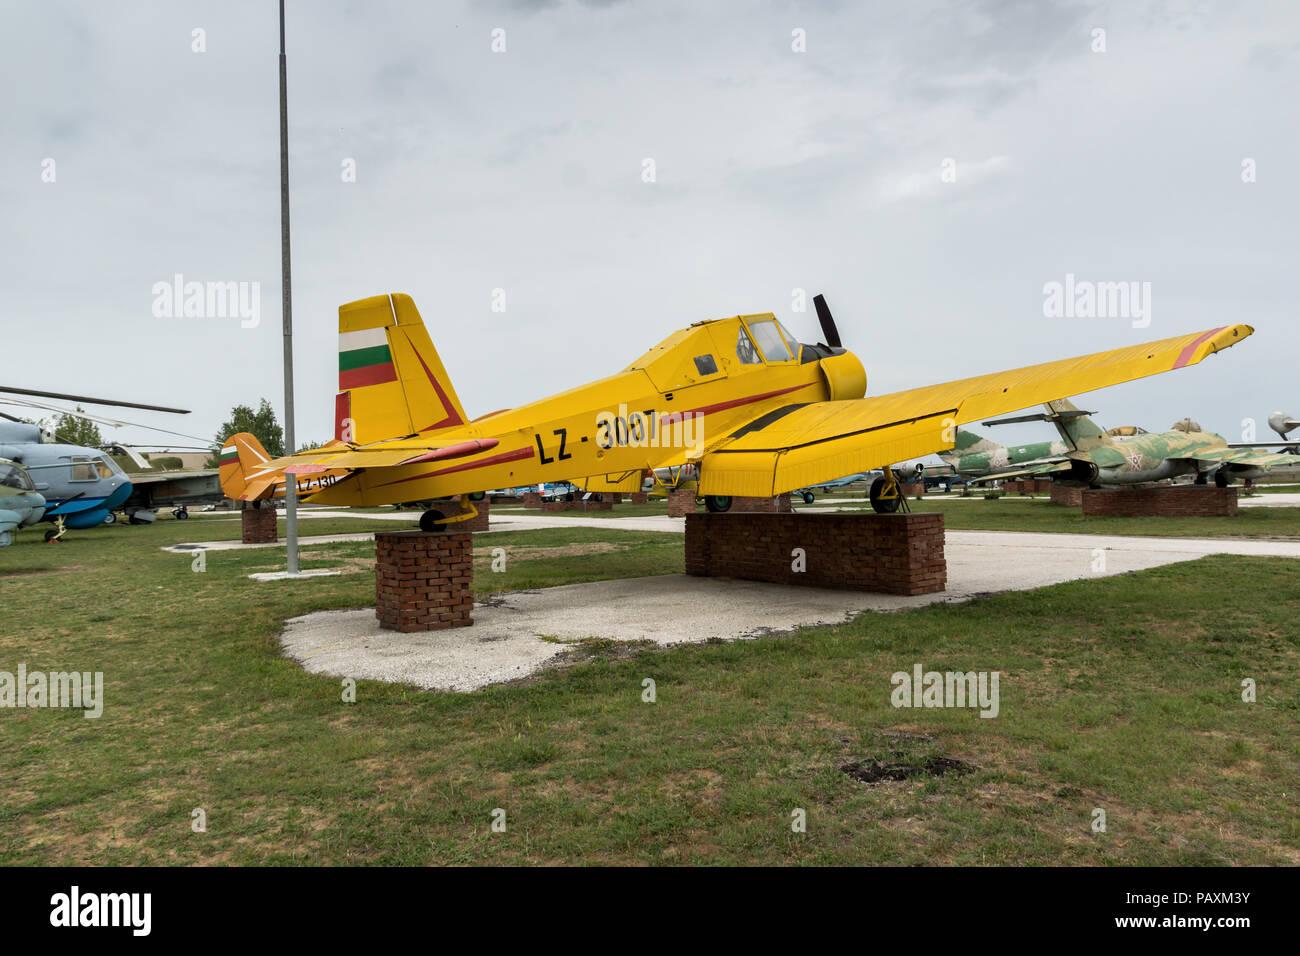 KRUMOVO, PLOVDIV, BULGARIE - 29 avril 2017: Avion LZ 3007 dans Aviation Museum près de l'aéroport de Plovdiv, Bulgarie Banque D'Images